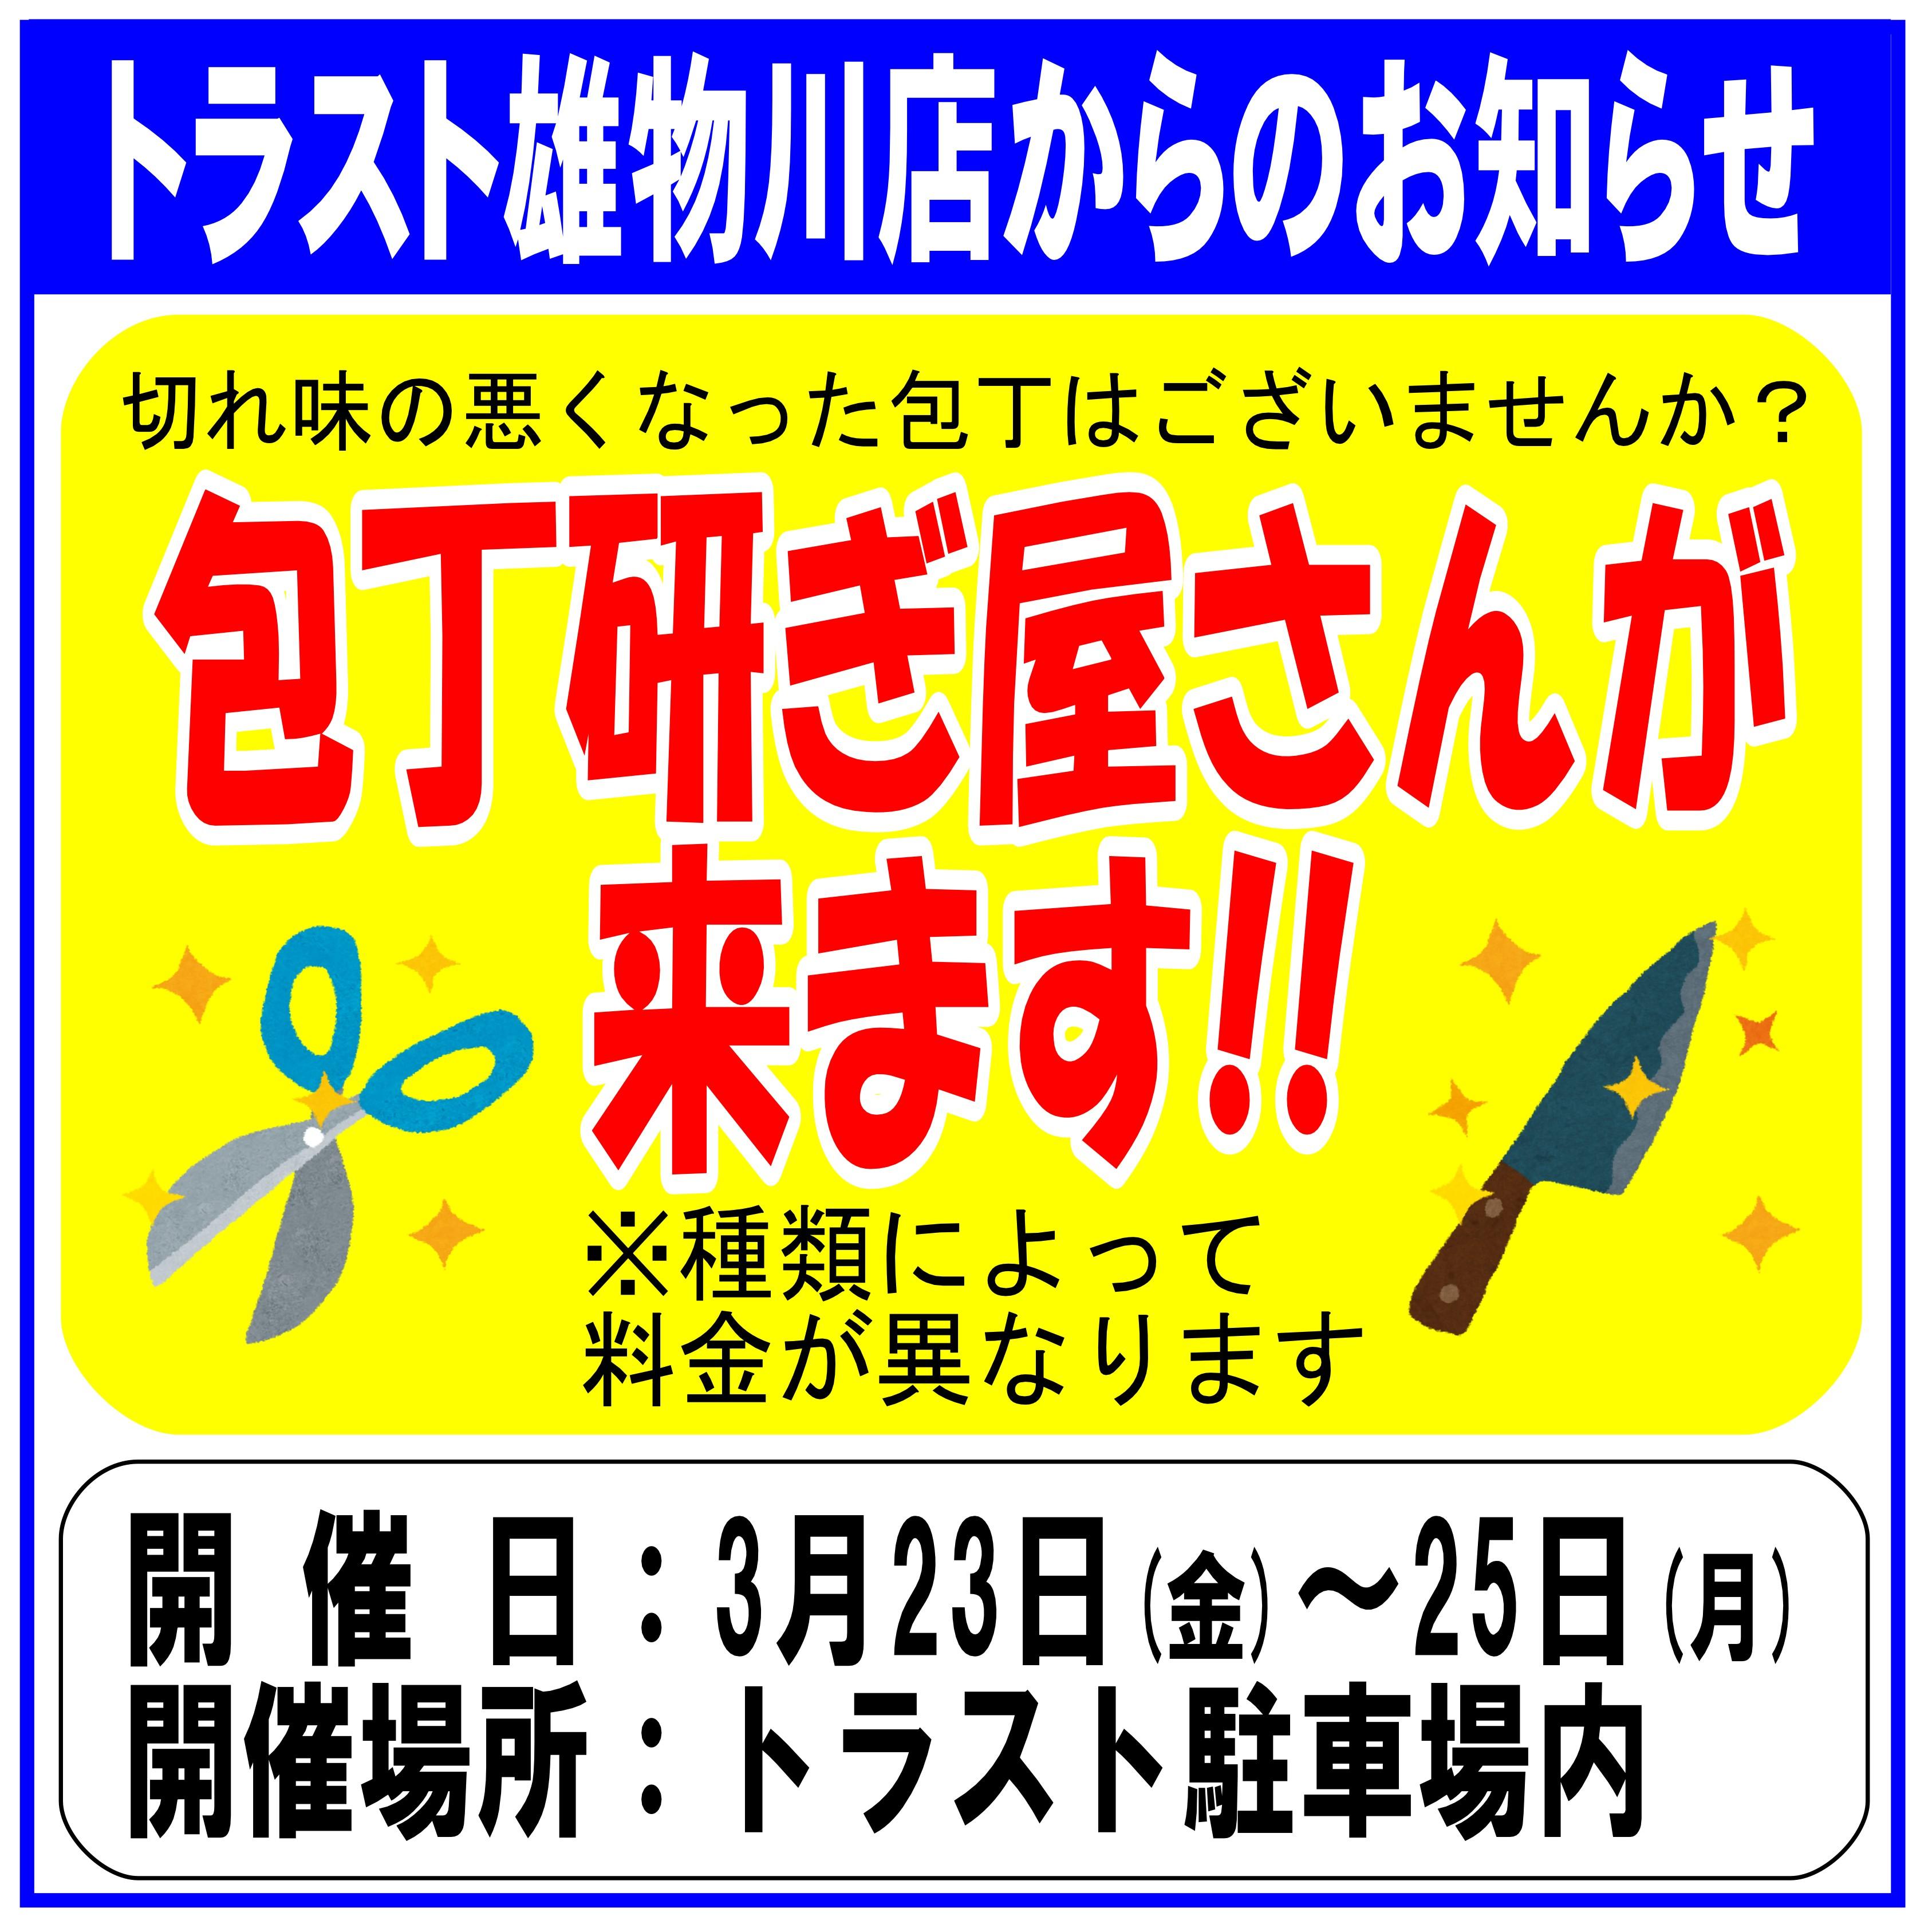 【トラスト雄物川店】包丁研ぎ屋さんがやってきます!!